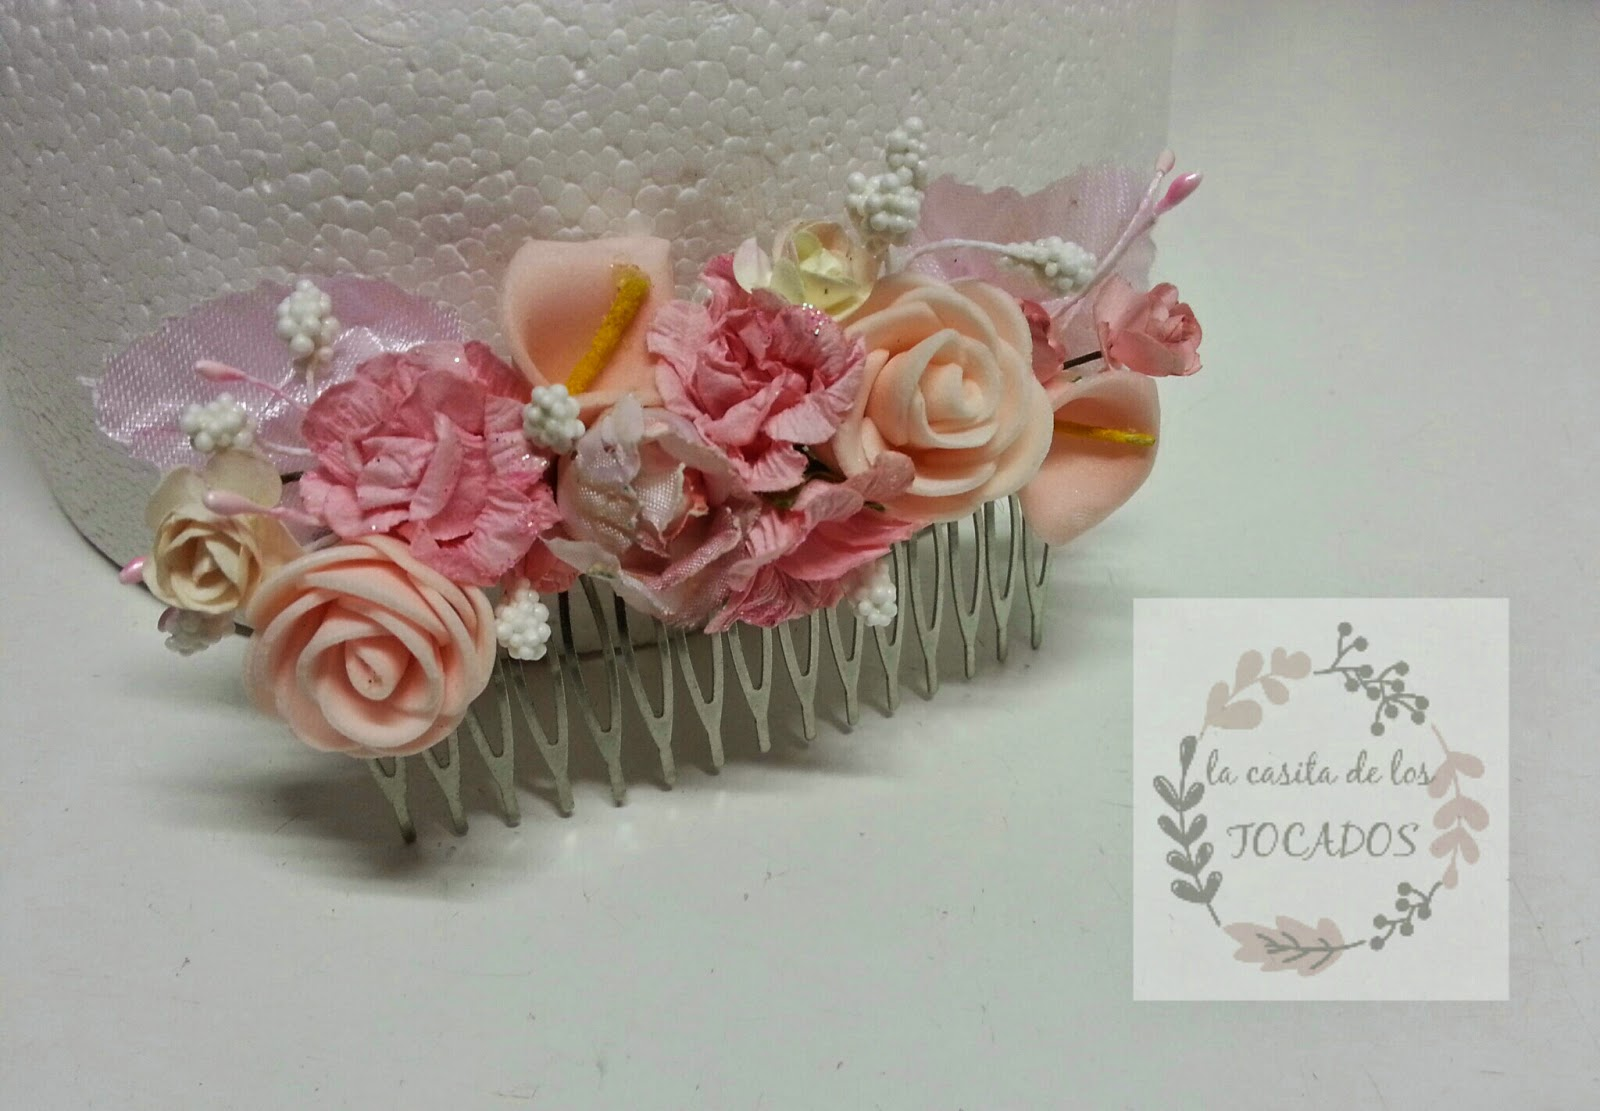 peineta para boda decorada con florecillas en varios tonos de rosa, y crudo